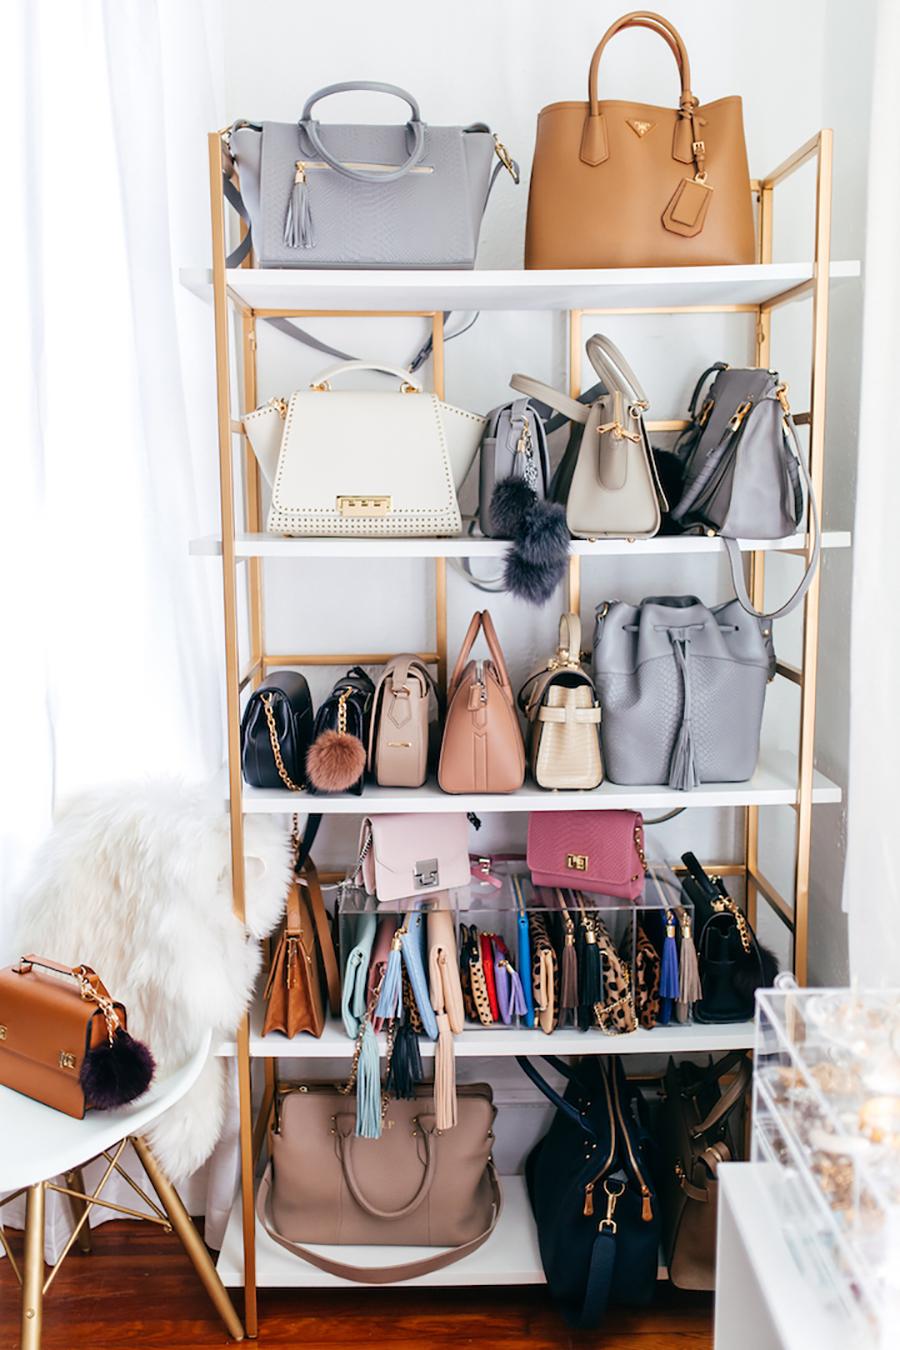 Una estantería abierta puede ser una excelente forma de organizar carteras y bolsos.